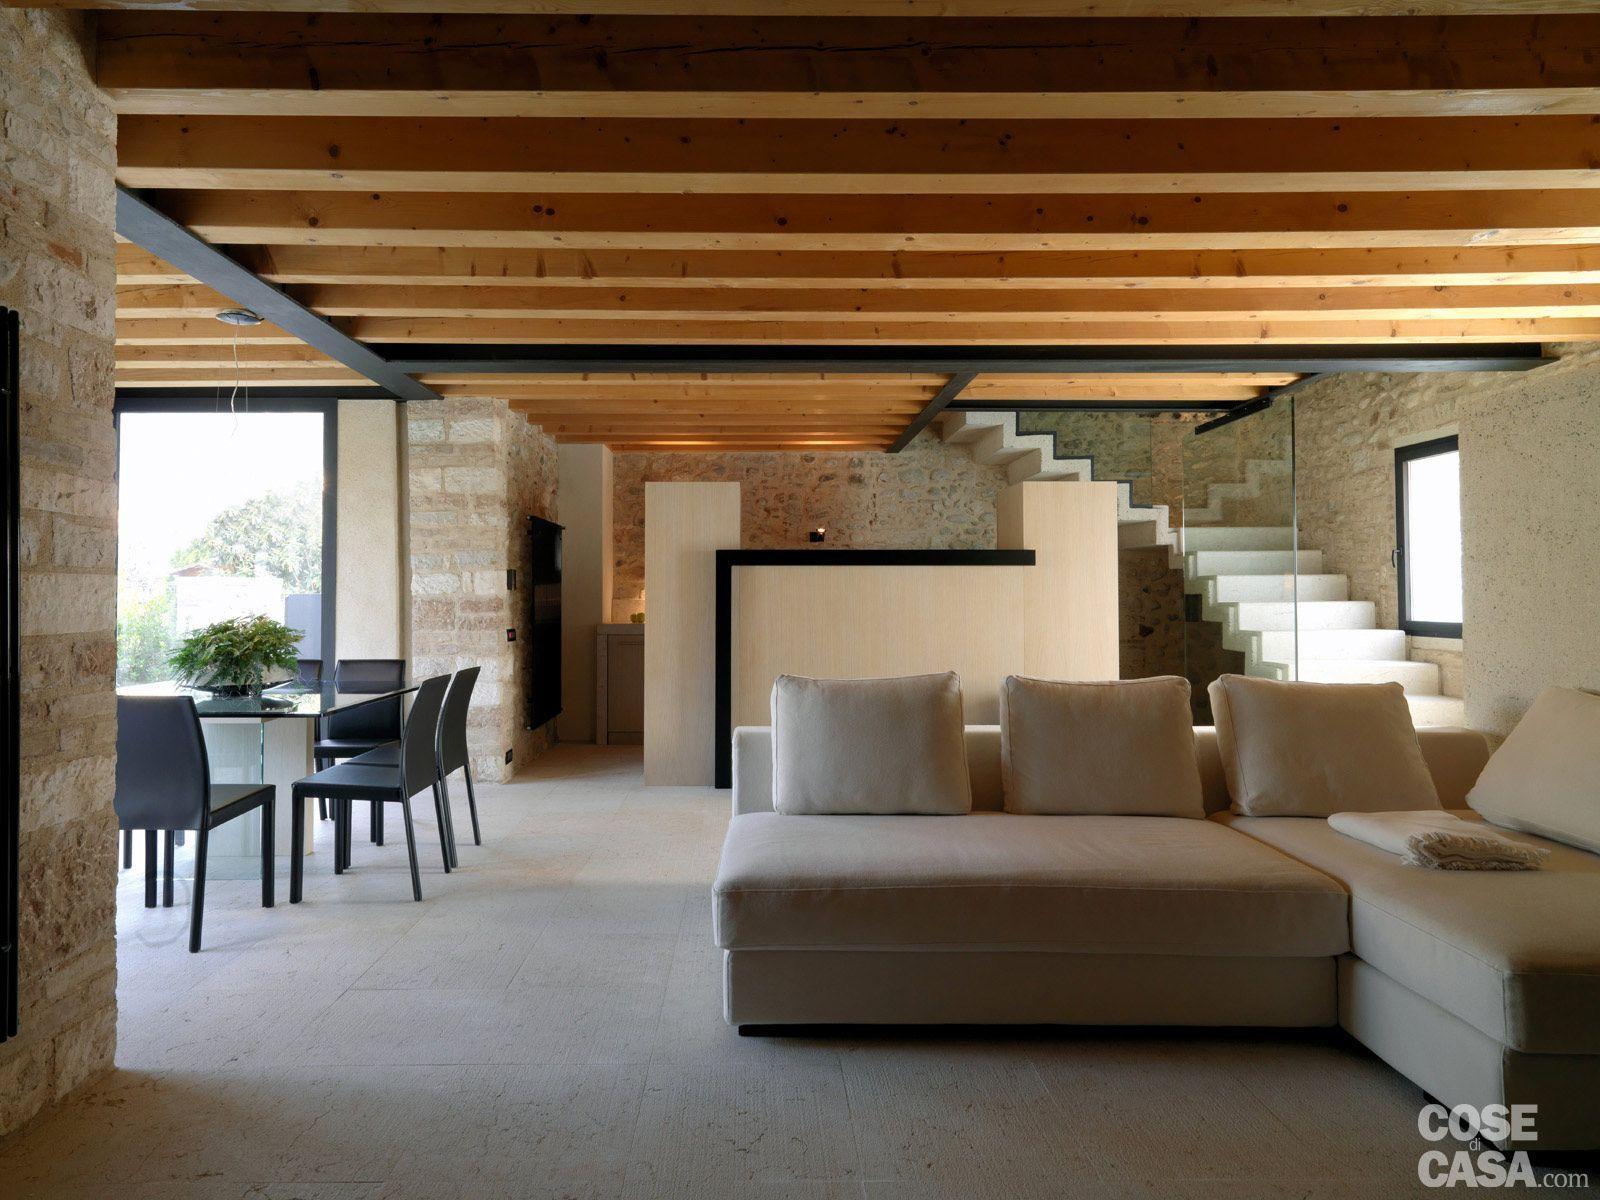 Legno e pietra a vista nella casa restaurata nel 2019 for Case fatte da architetti